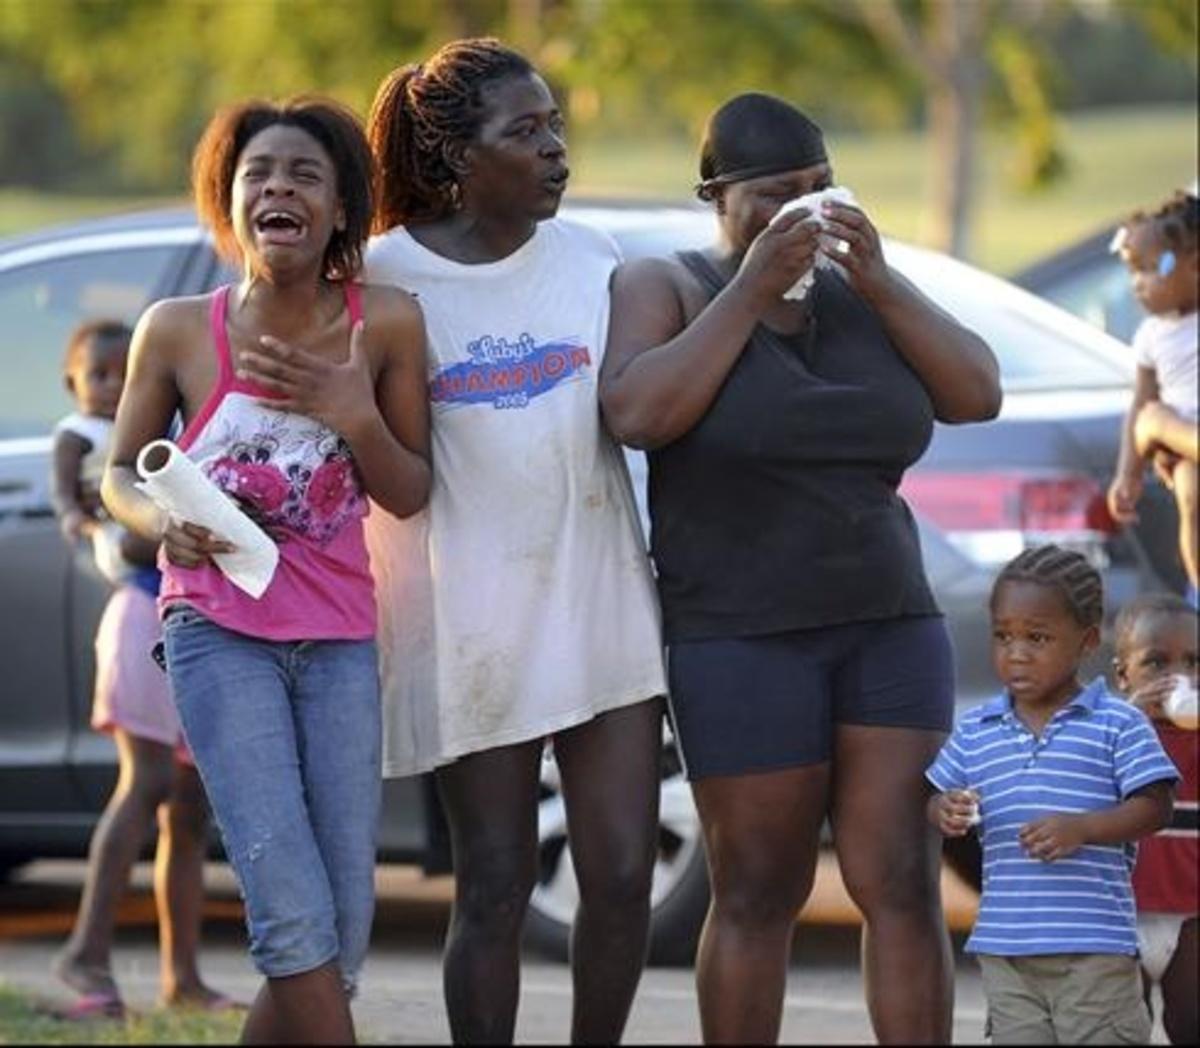 Τραγωδία: Έξι παιδία πνίγηκαν σε ποτάμι μπροστά στα μάτια των γονιών τους | Newsit.gr